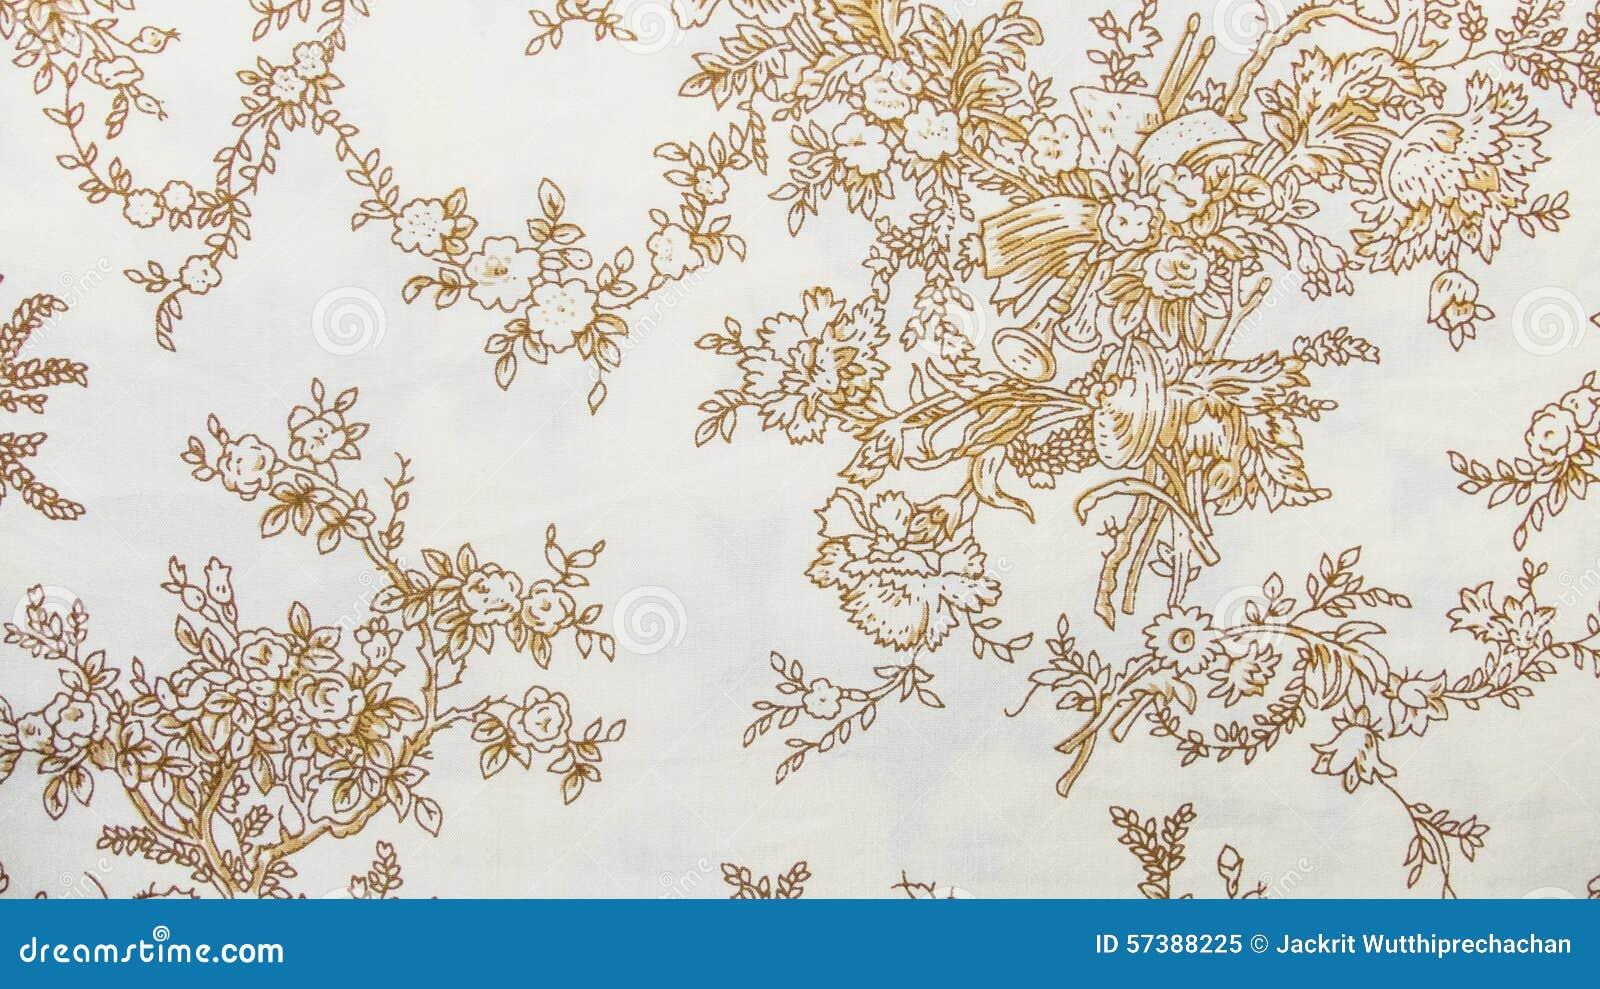 Retro Sepia van het Kant Bloemen Naadloze Patroon Bruine Stoffen Uitstekende Stijl Als achtergrond